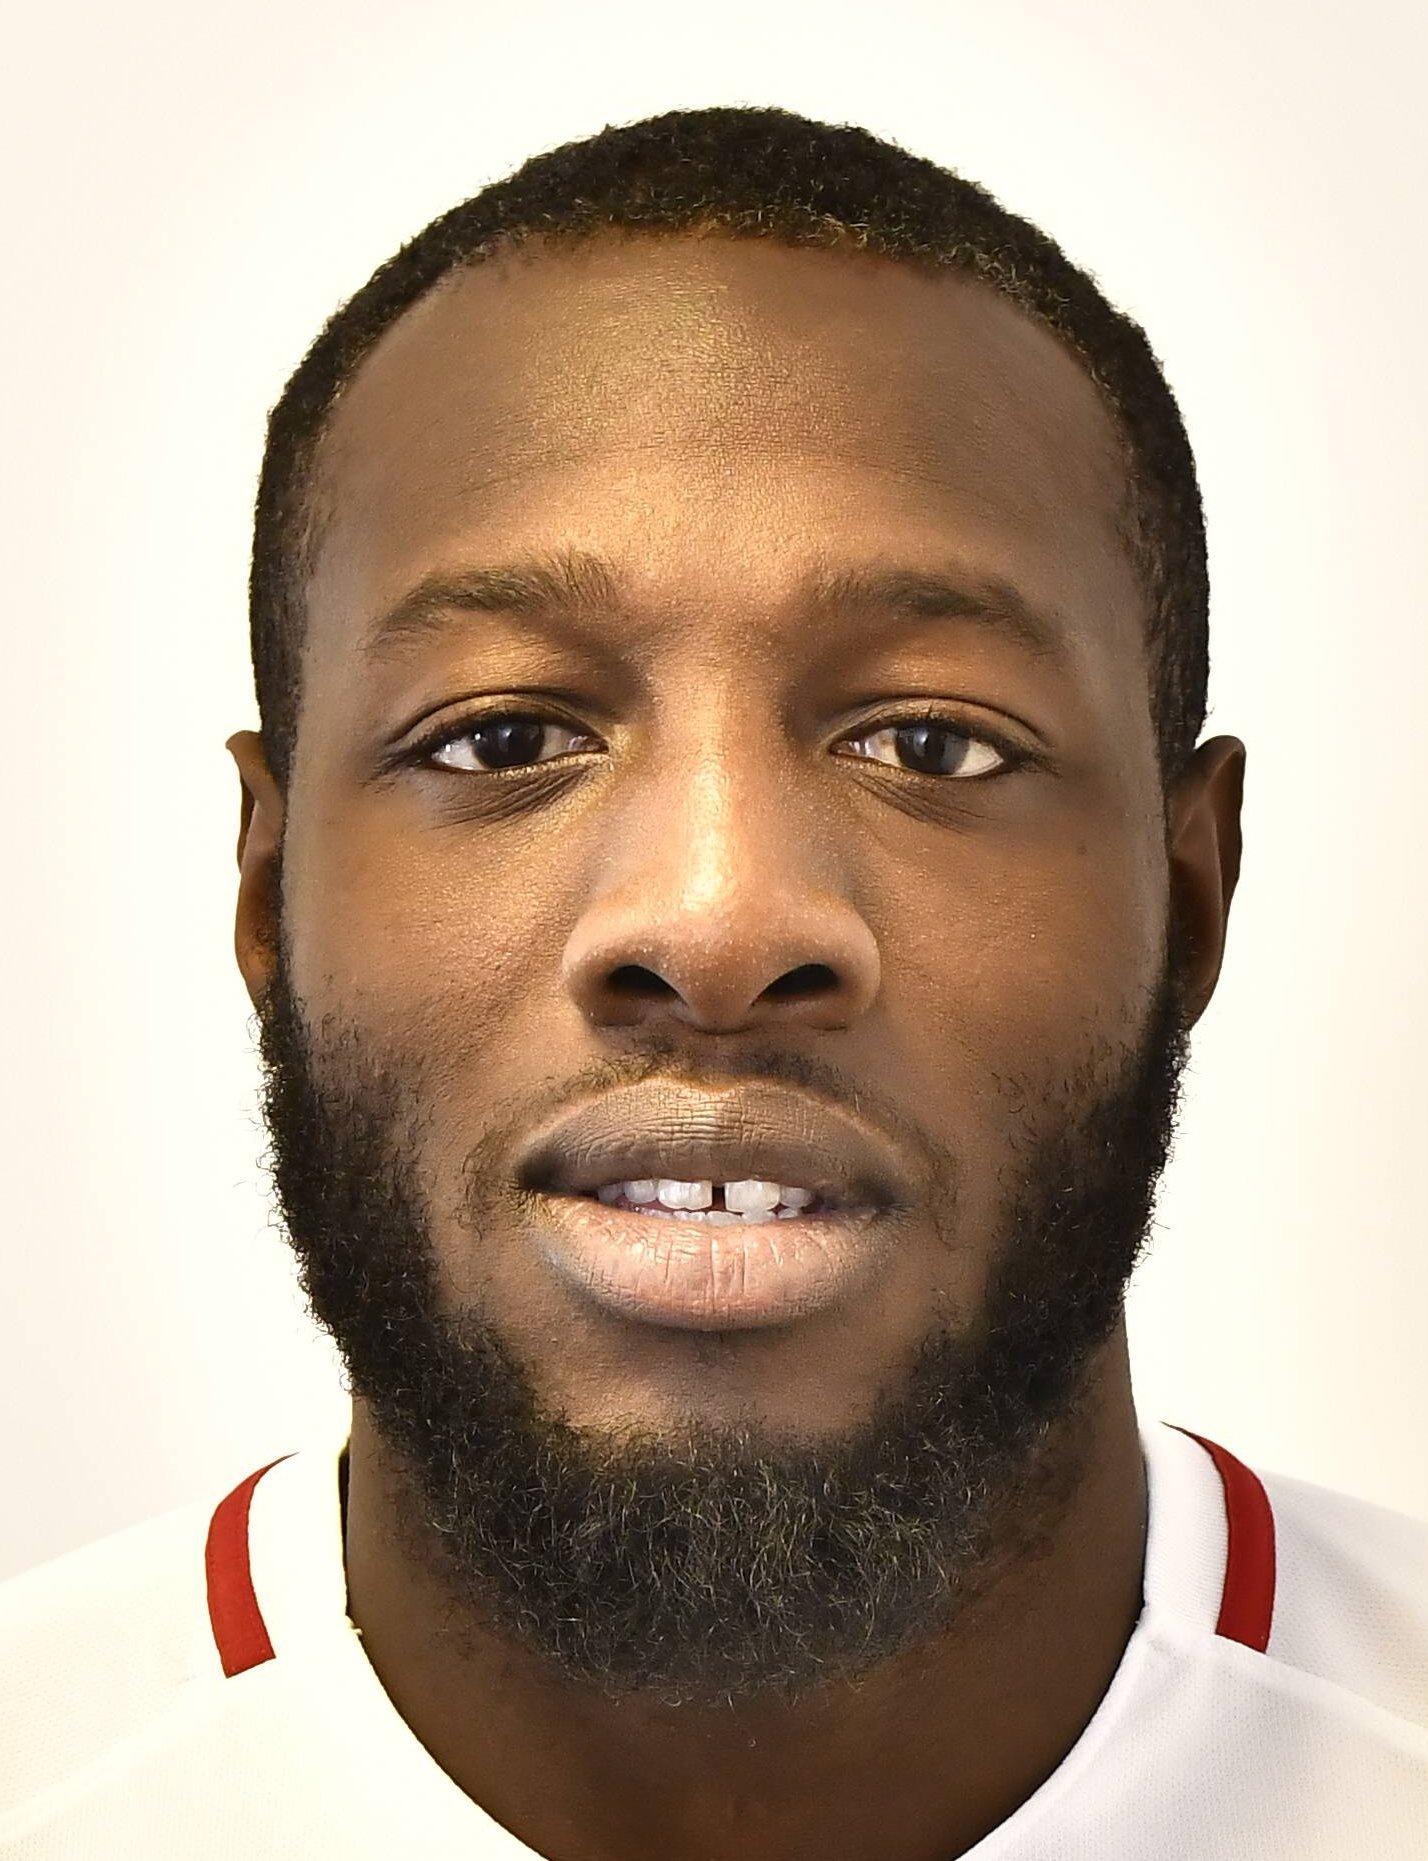 Oumar Diakhit\u00e9 - Player profile 19\/20 | Transfermarkt